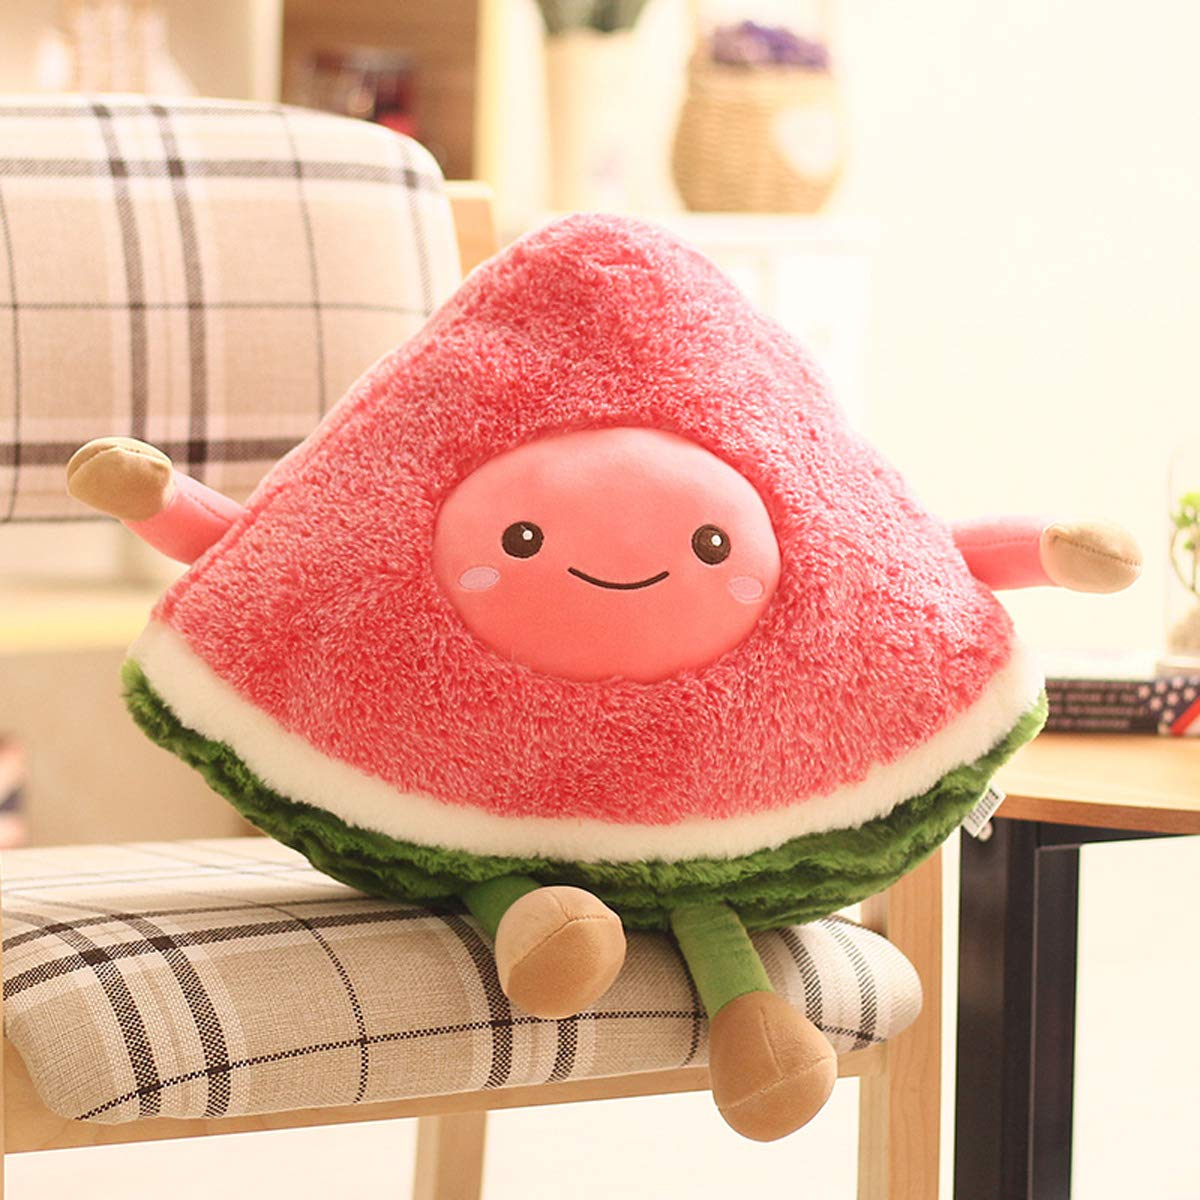 Amazon.com: AngelGift - Muñeca de frutas y verduras, peluche ...